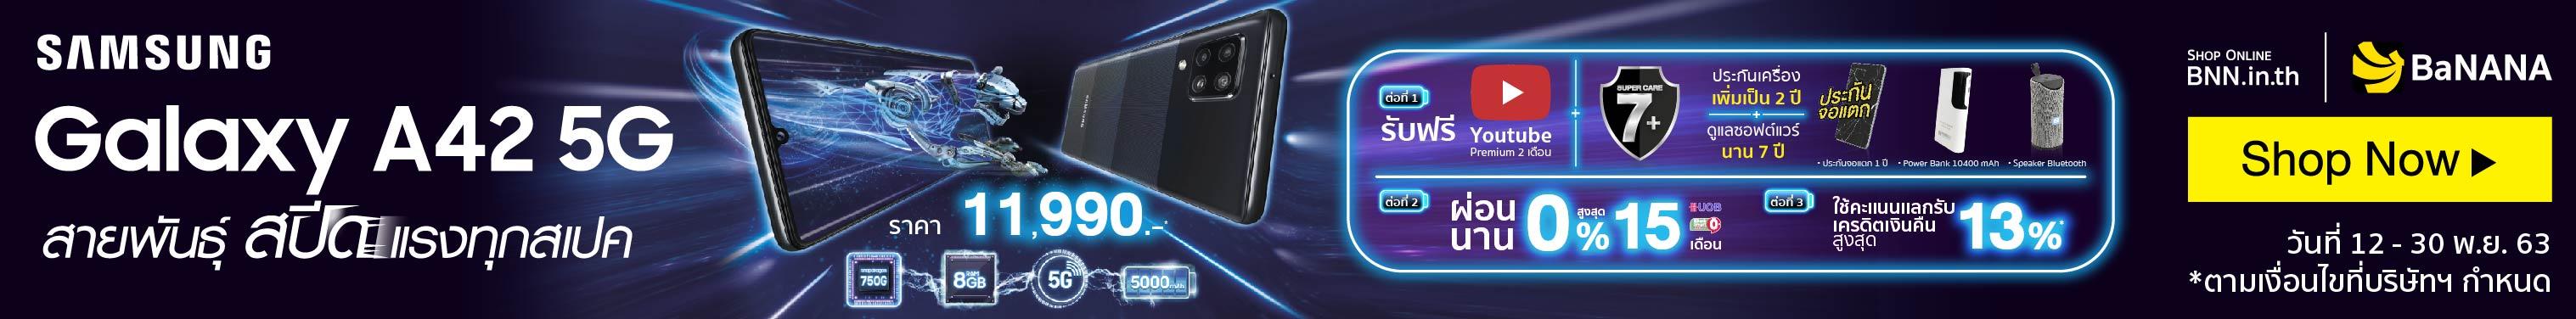 bnn.in.th - SS Galaxy A42 5G_12-30 Nov 20